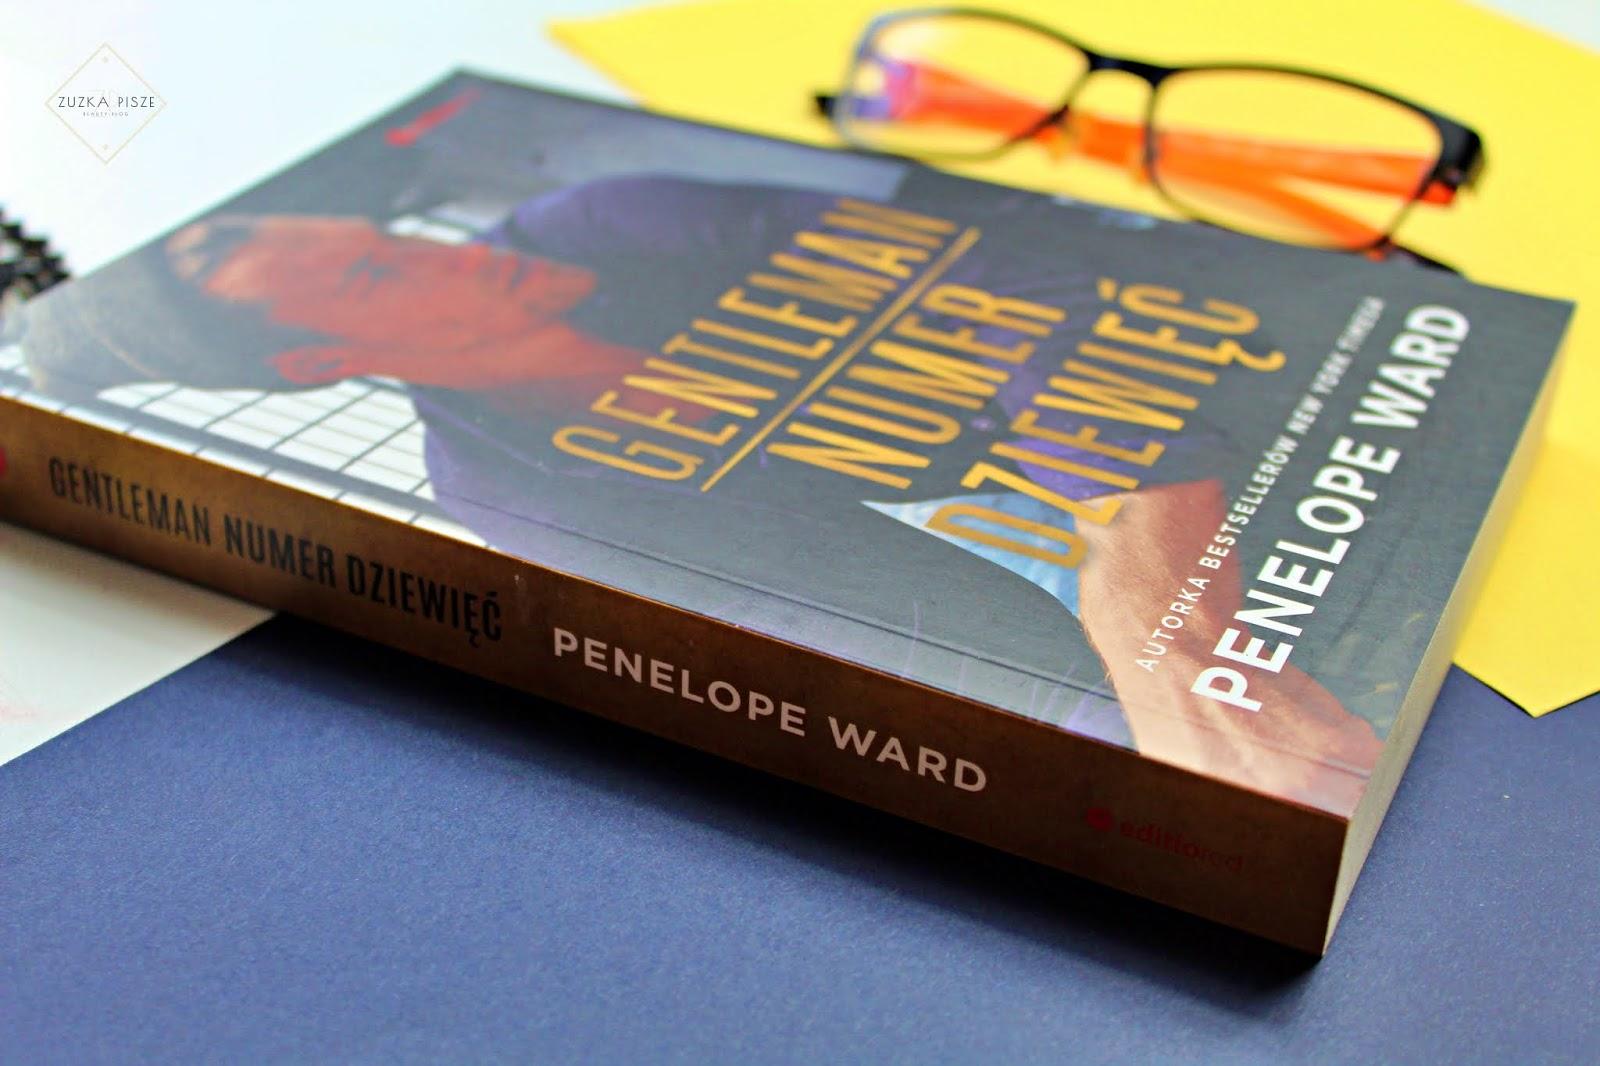 """Penelope Ward """"Gentleman numer dziewięć"""" - recenzja książki"""